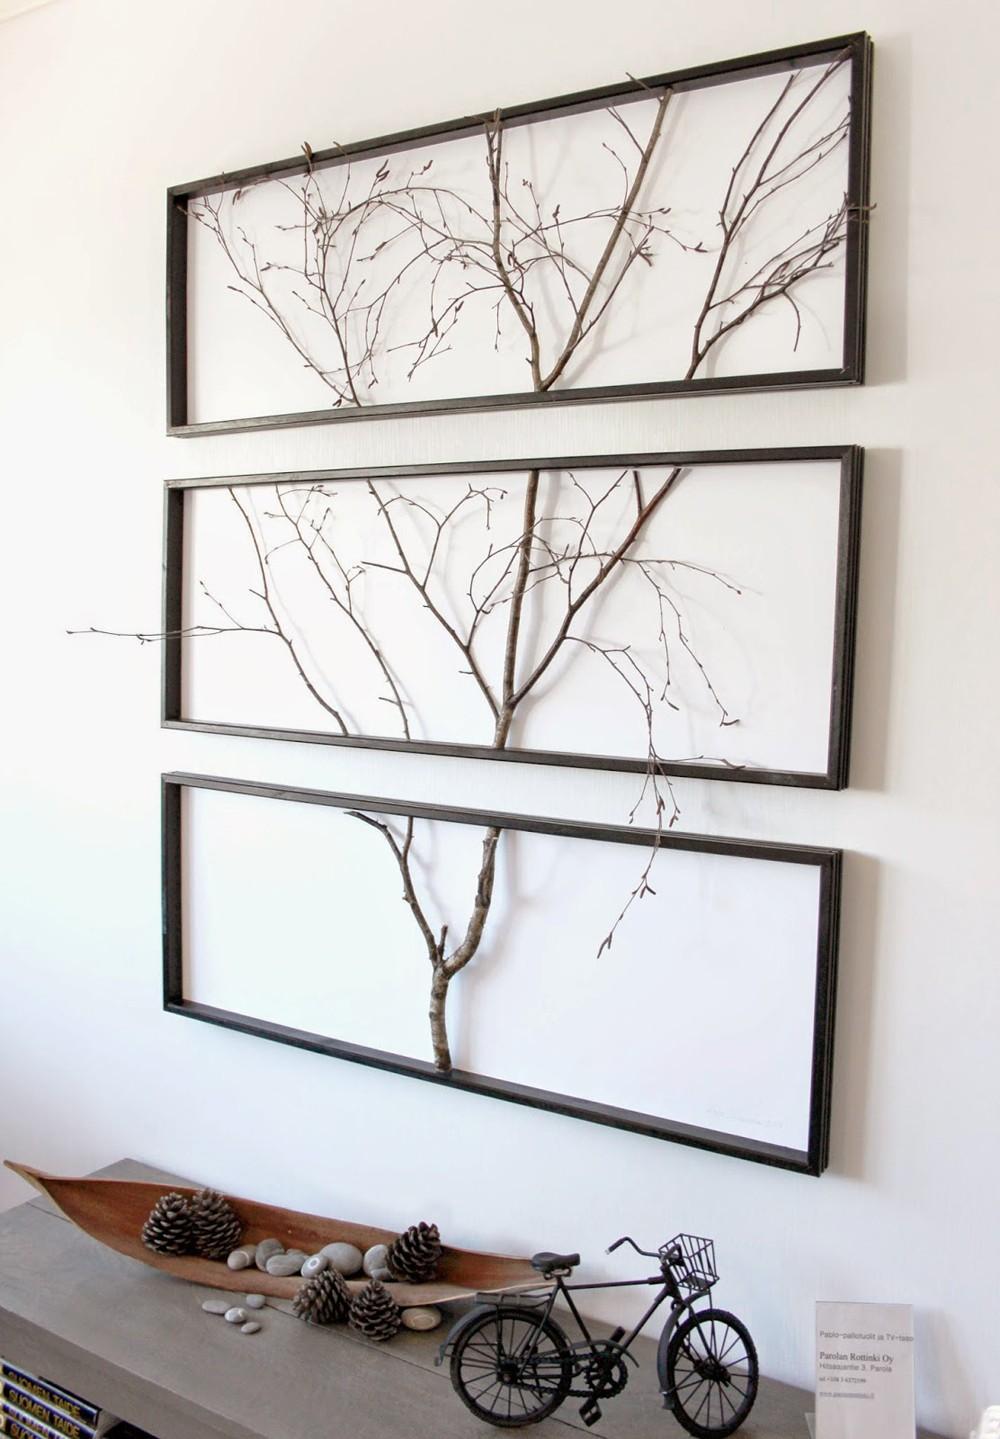 ديكورات خشبية للحائط ـ تابلوه فروع الخشب